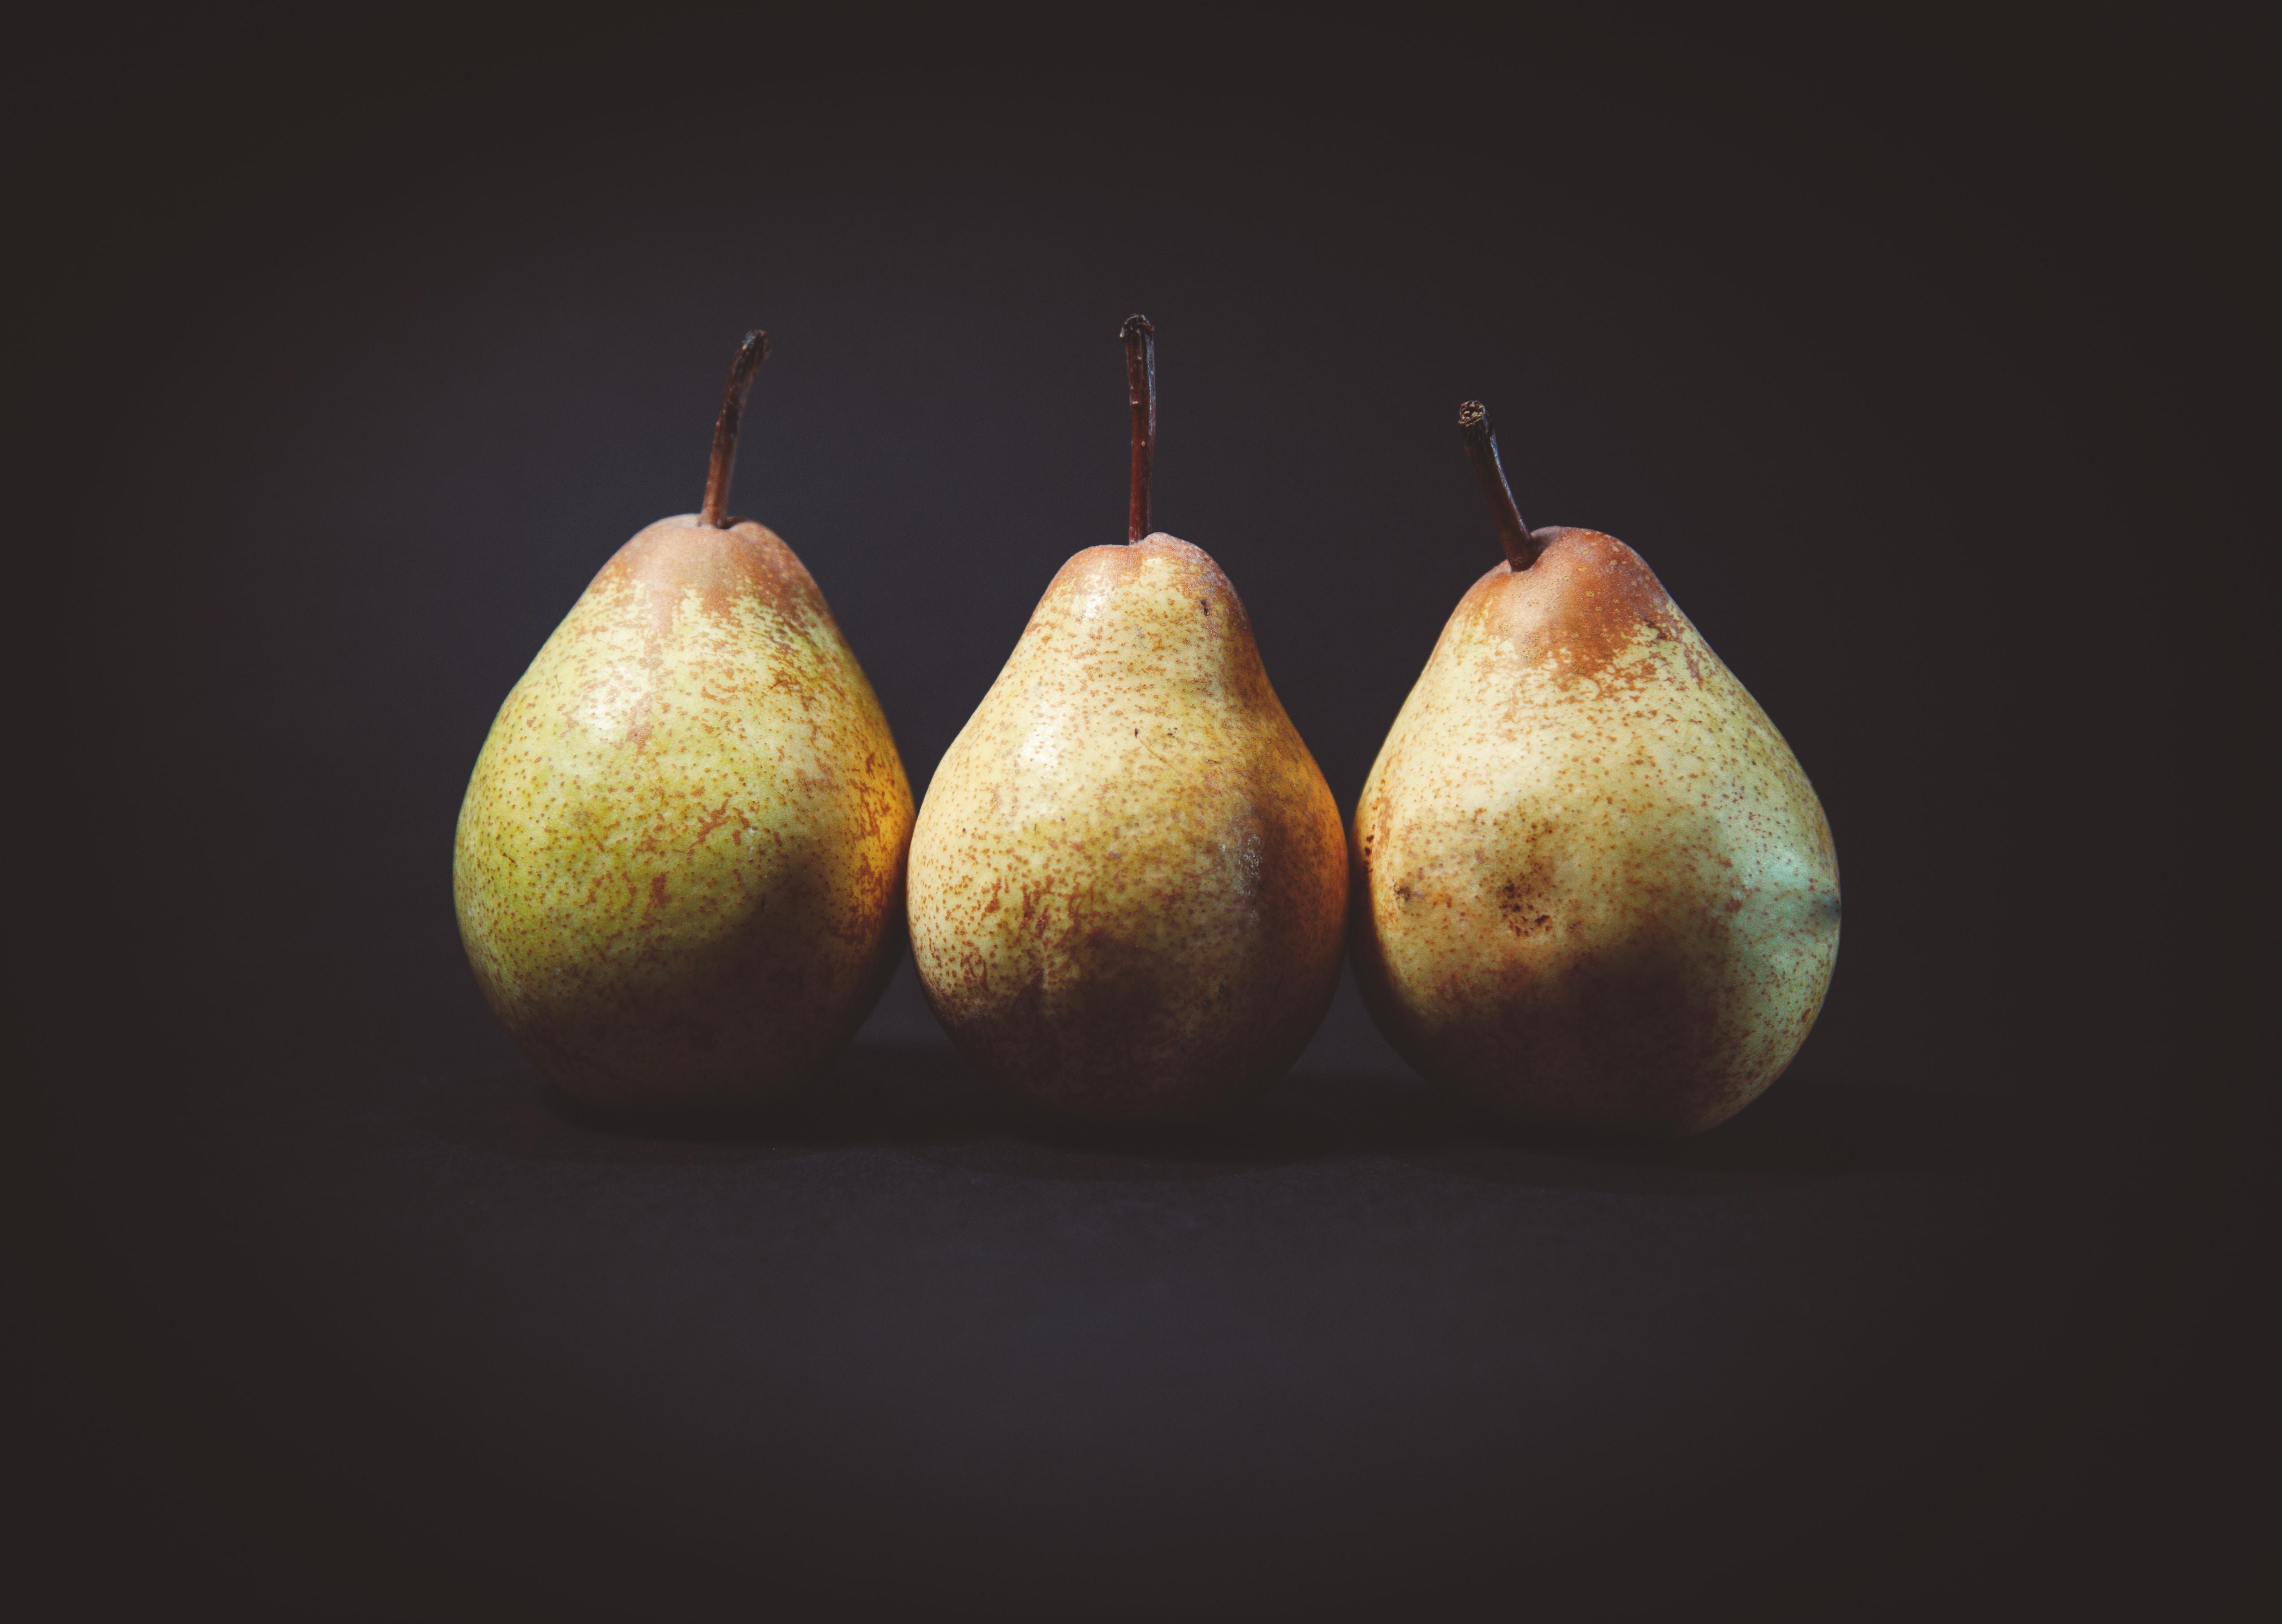 three pears on black surface